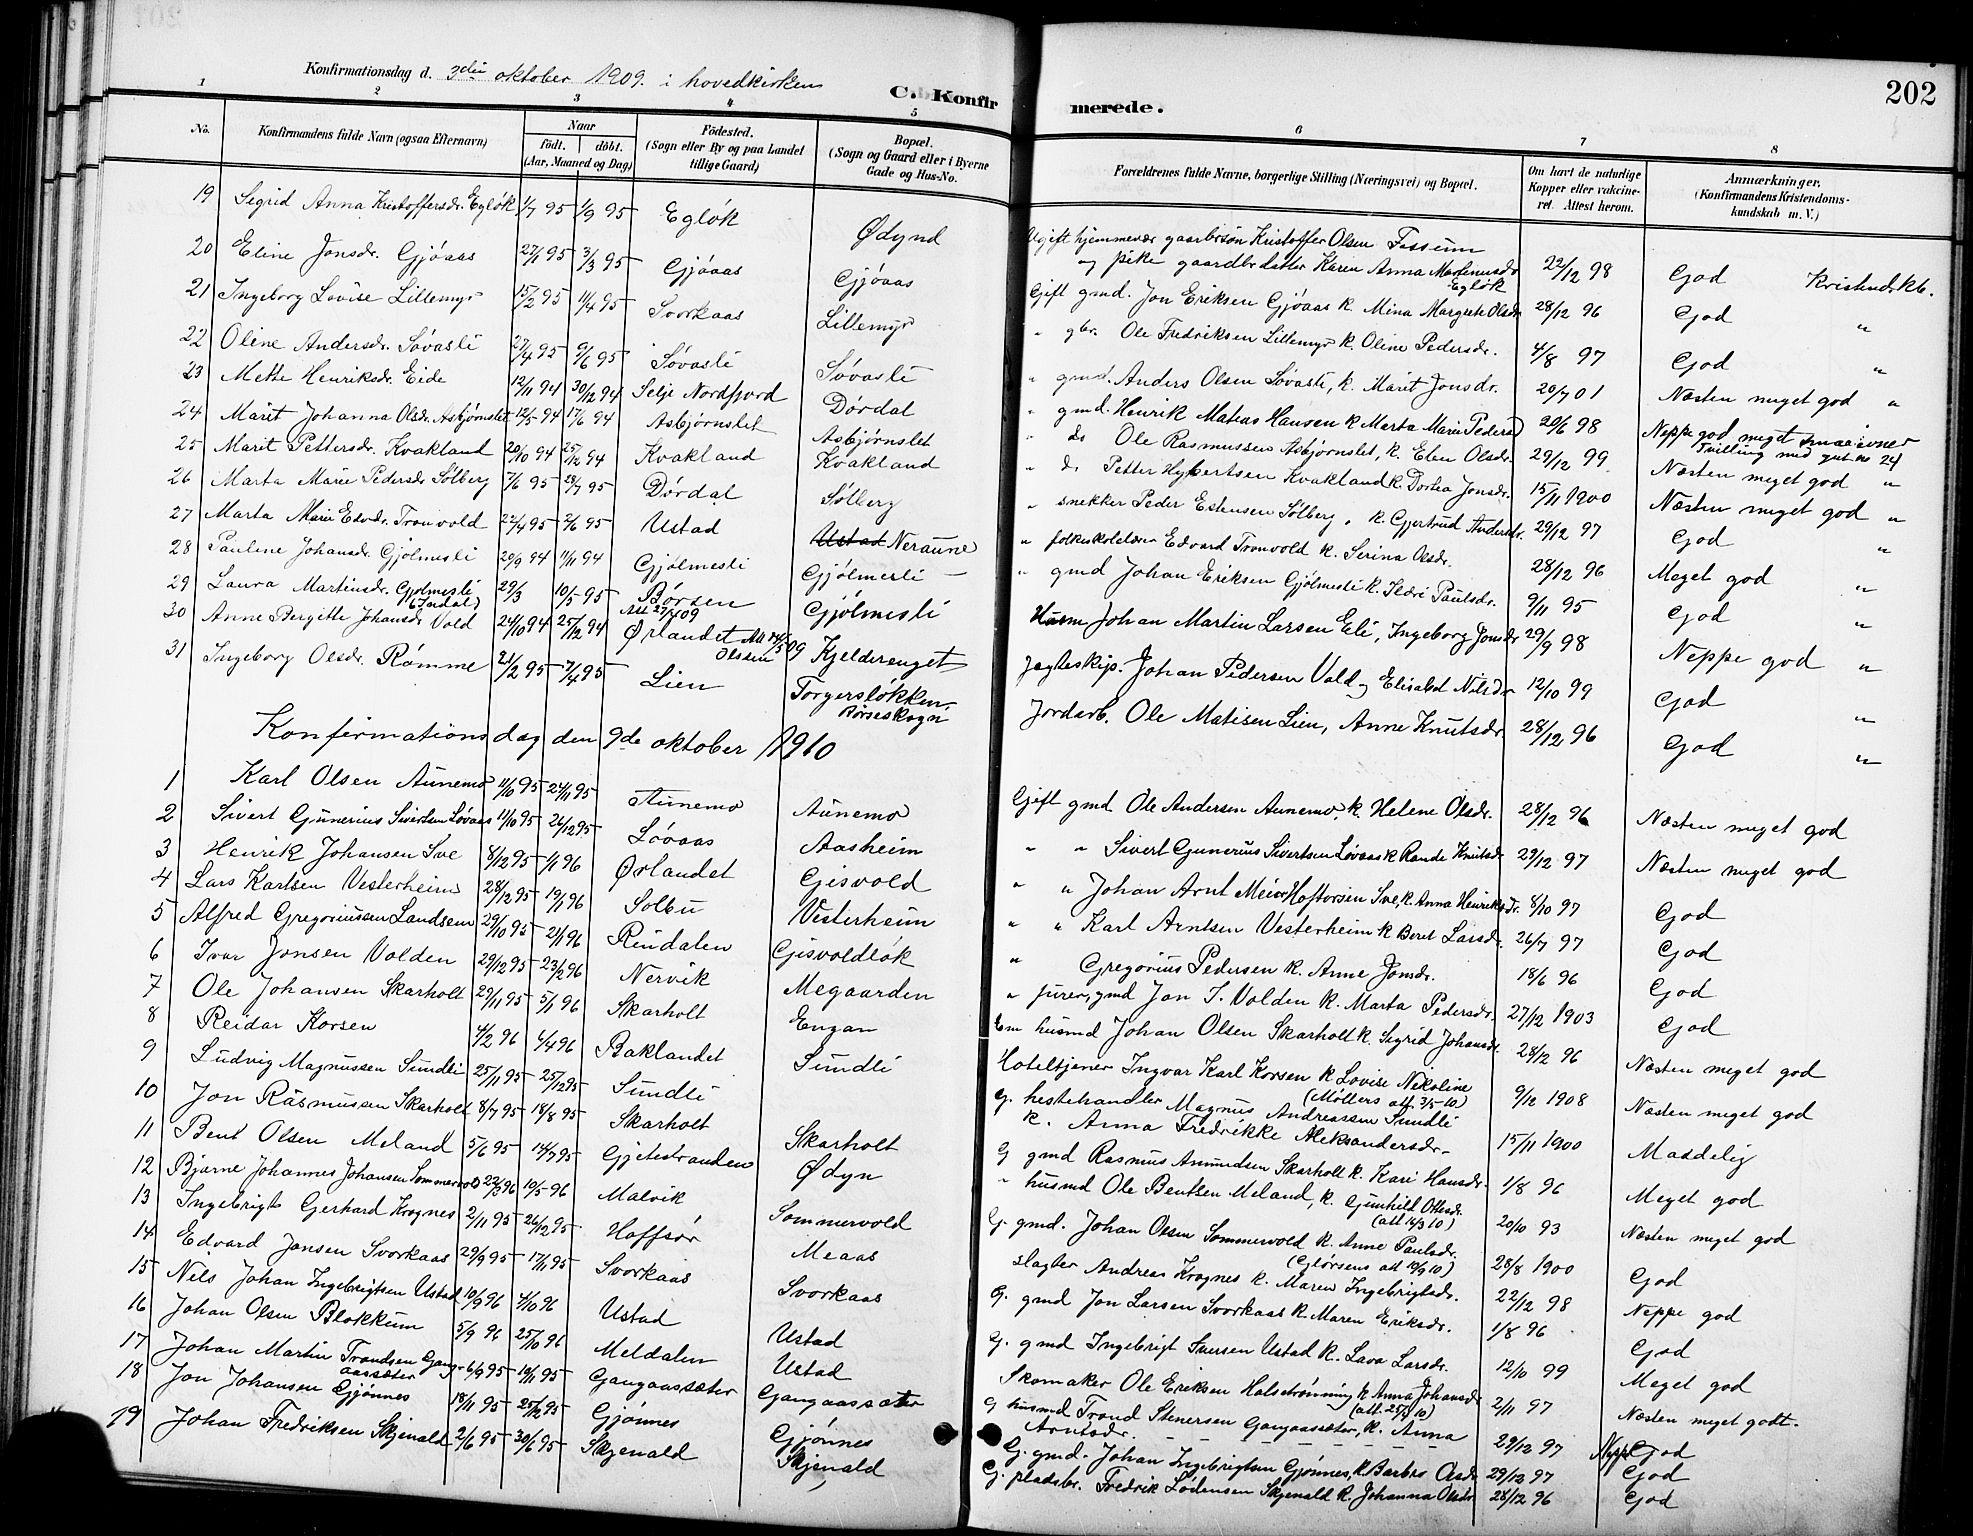 SAT, Ministerialprotokoller, klokkerbøker og fødselsregistre - Sør-Trøndelag, 668/L0819: Klokkerbok nr. 668C08, 1899-1912, s. 202